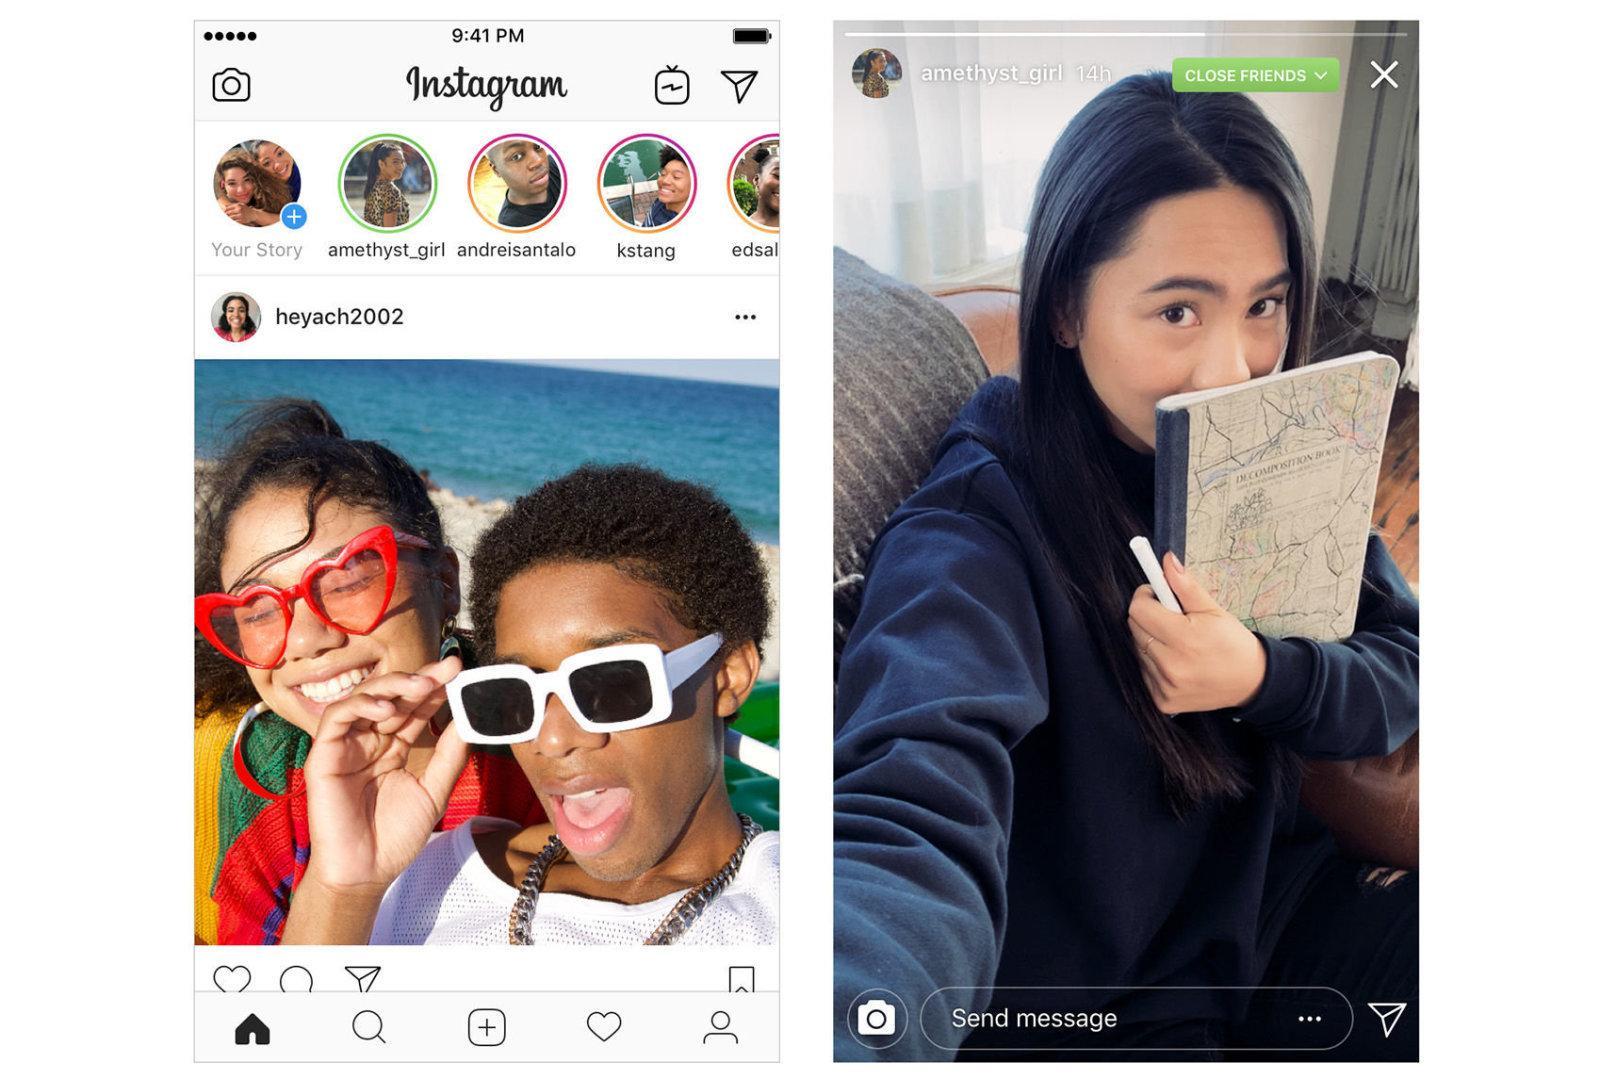 Из-за бага Instagram показывал сторис пользователей незнакомцам (dims 3)